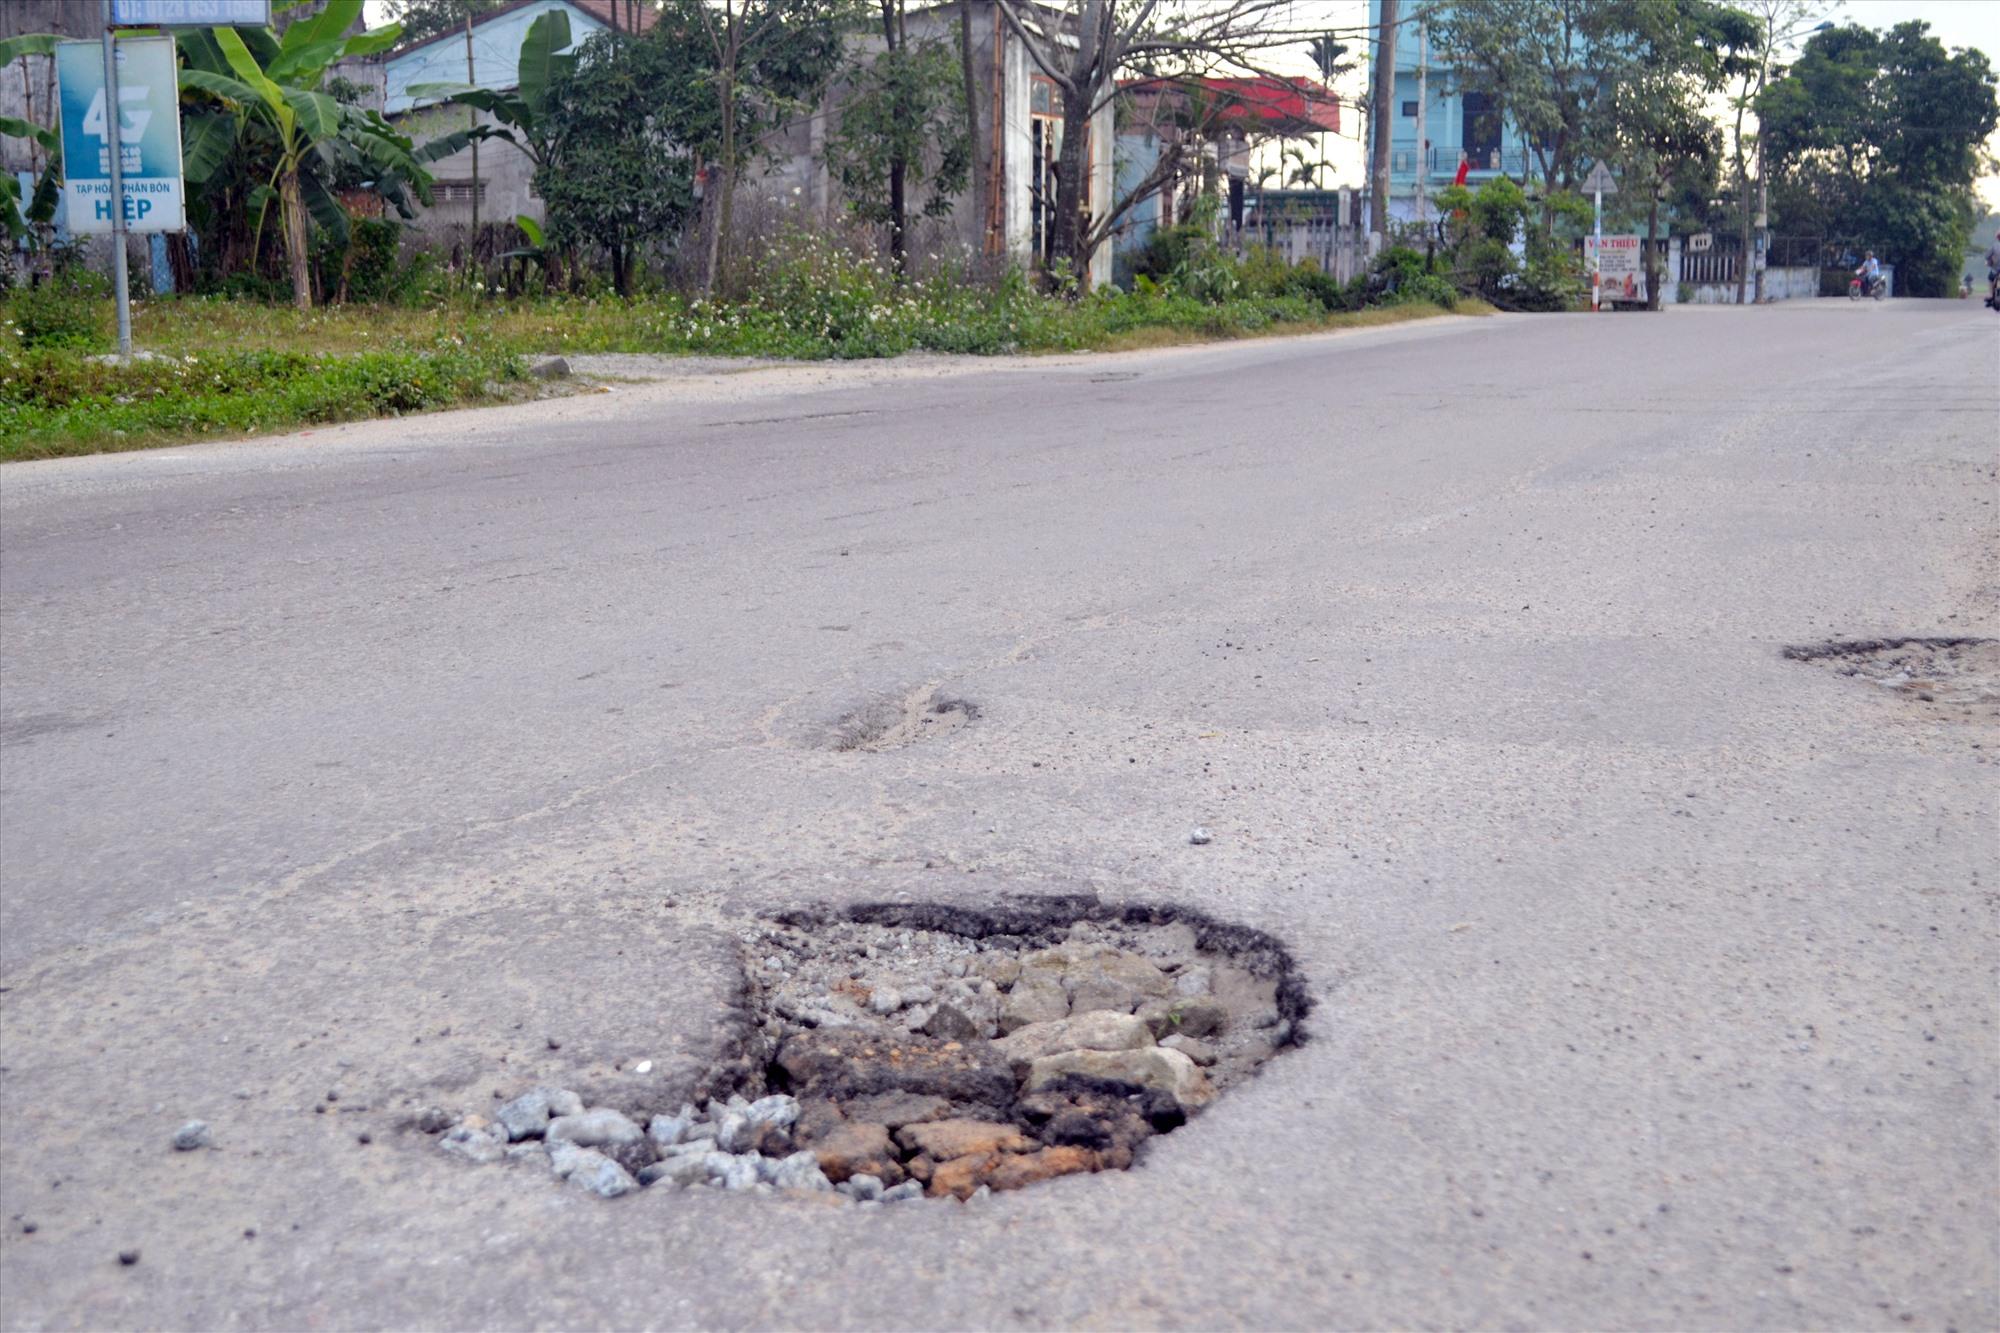 """Mặt đường quốc lộ 40B, đoạn vào nút giao đường cao tốc qua xã Tam Thái (Phú Ninh) bị """"ổ gà"""" tiềm ẩn nguy cơ TNGT. Ảnh: K.K"""